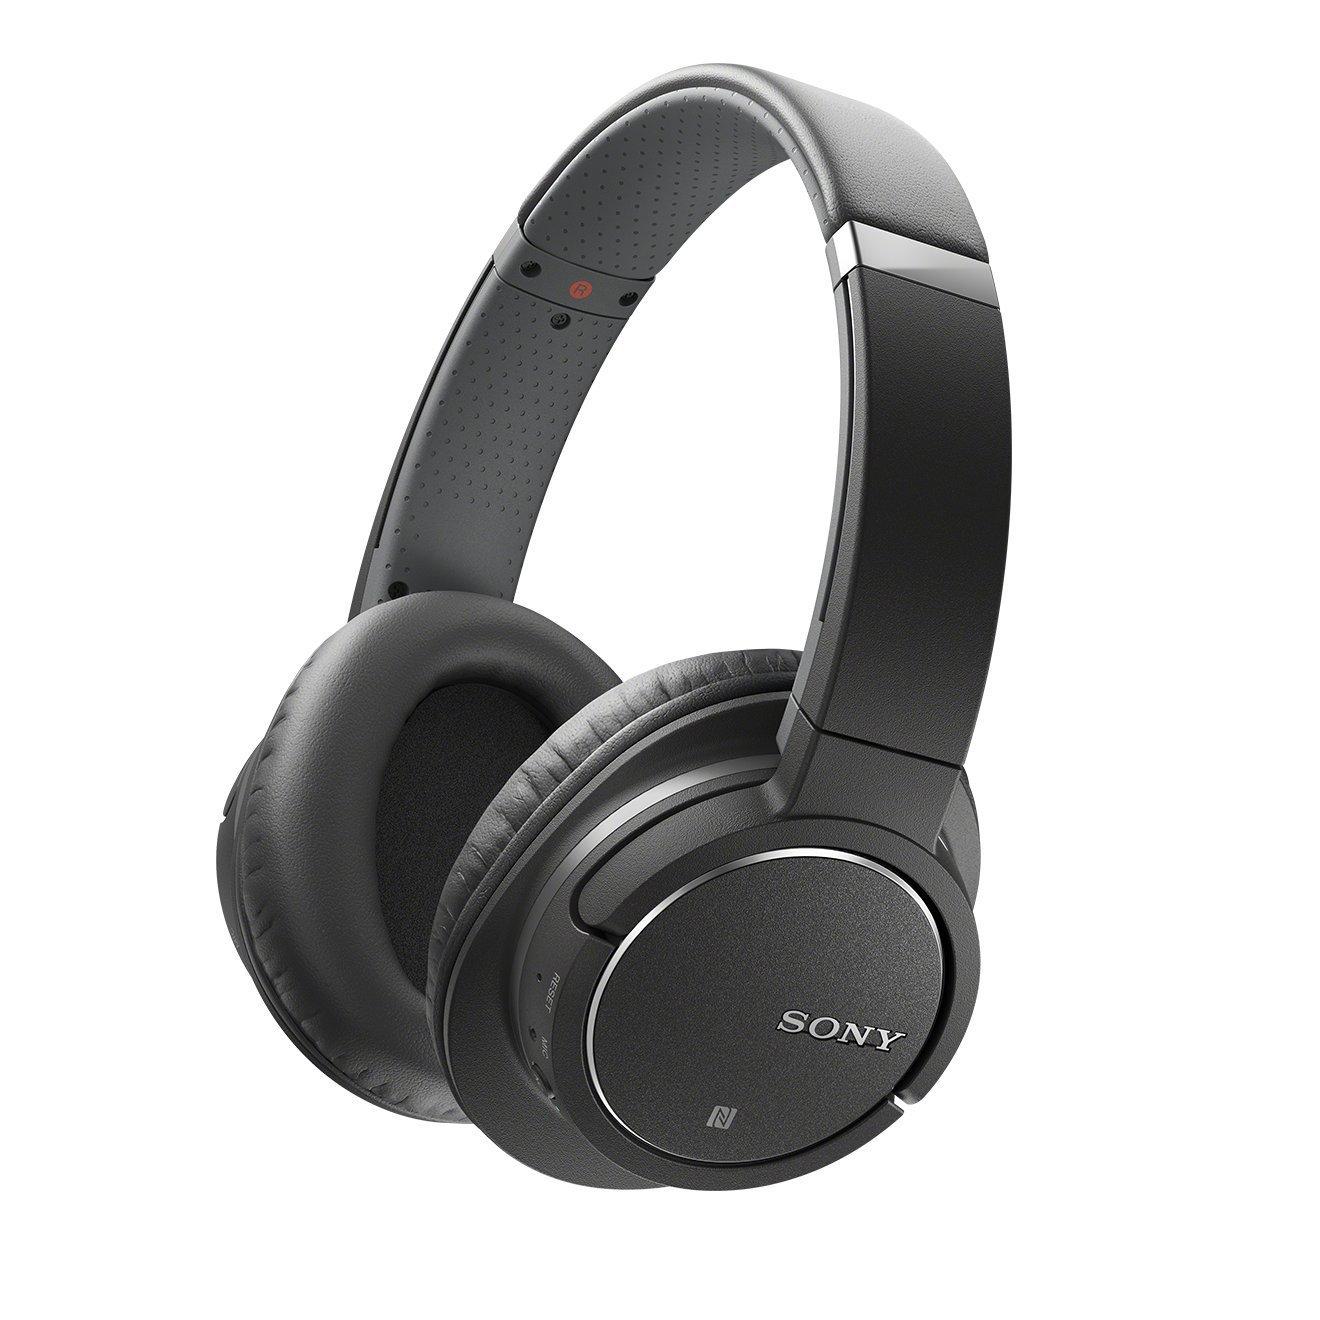 """[Amazon.it] Sony MDR-ZX770BN Bluetooth Kopfhörer mit aktivem Noise Cancelling: """"Gebraucht - sehr gut"""""""